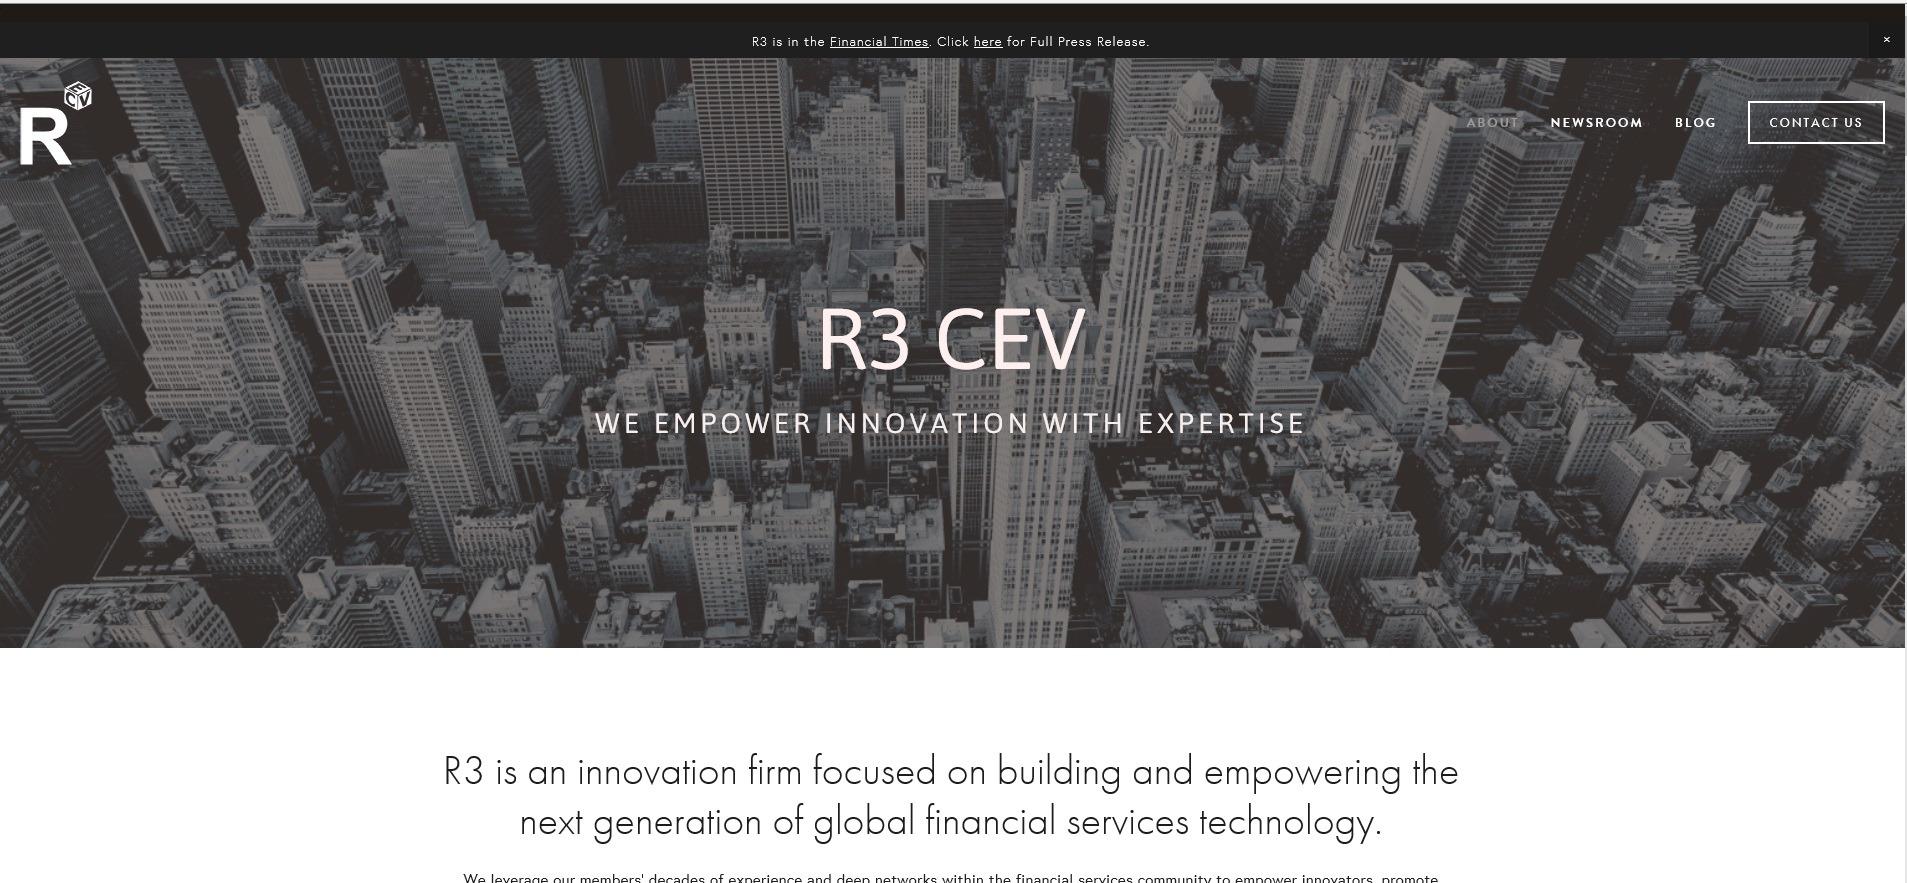 Grupo R3, consórcio para o desenvolvimento de tecnologias fintech e blockchains parece enfrentar alguns problemas com seus associados.